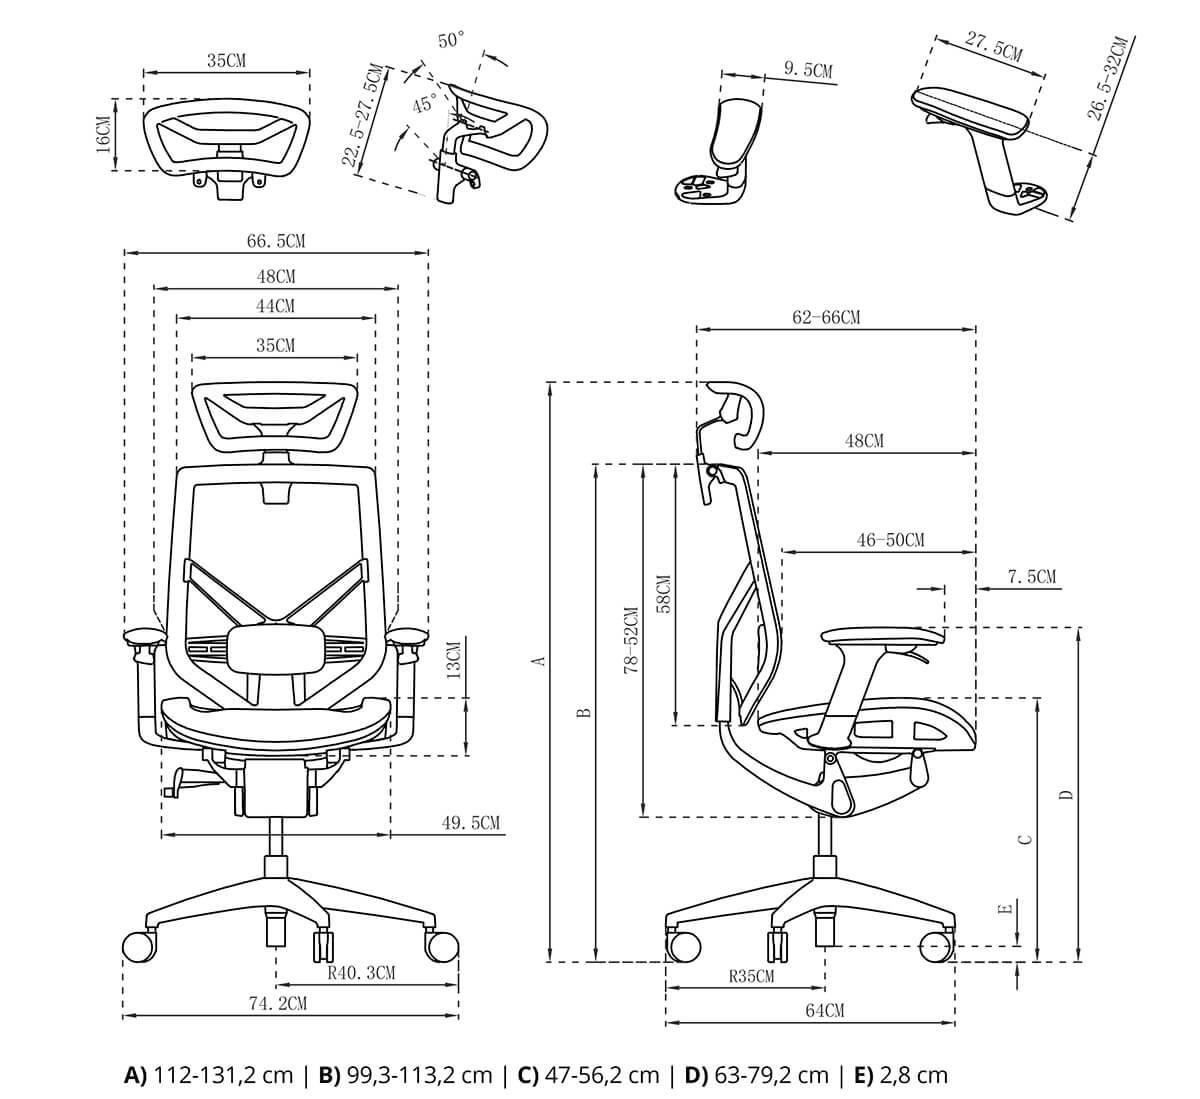 wymiary fotela rysunek techniczny spacetronik ergoline